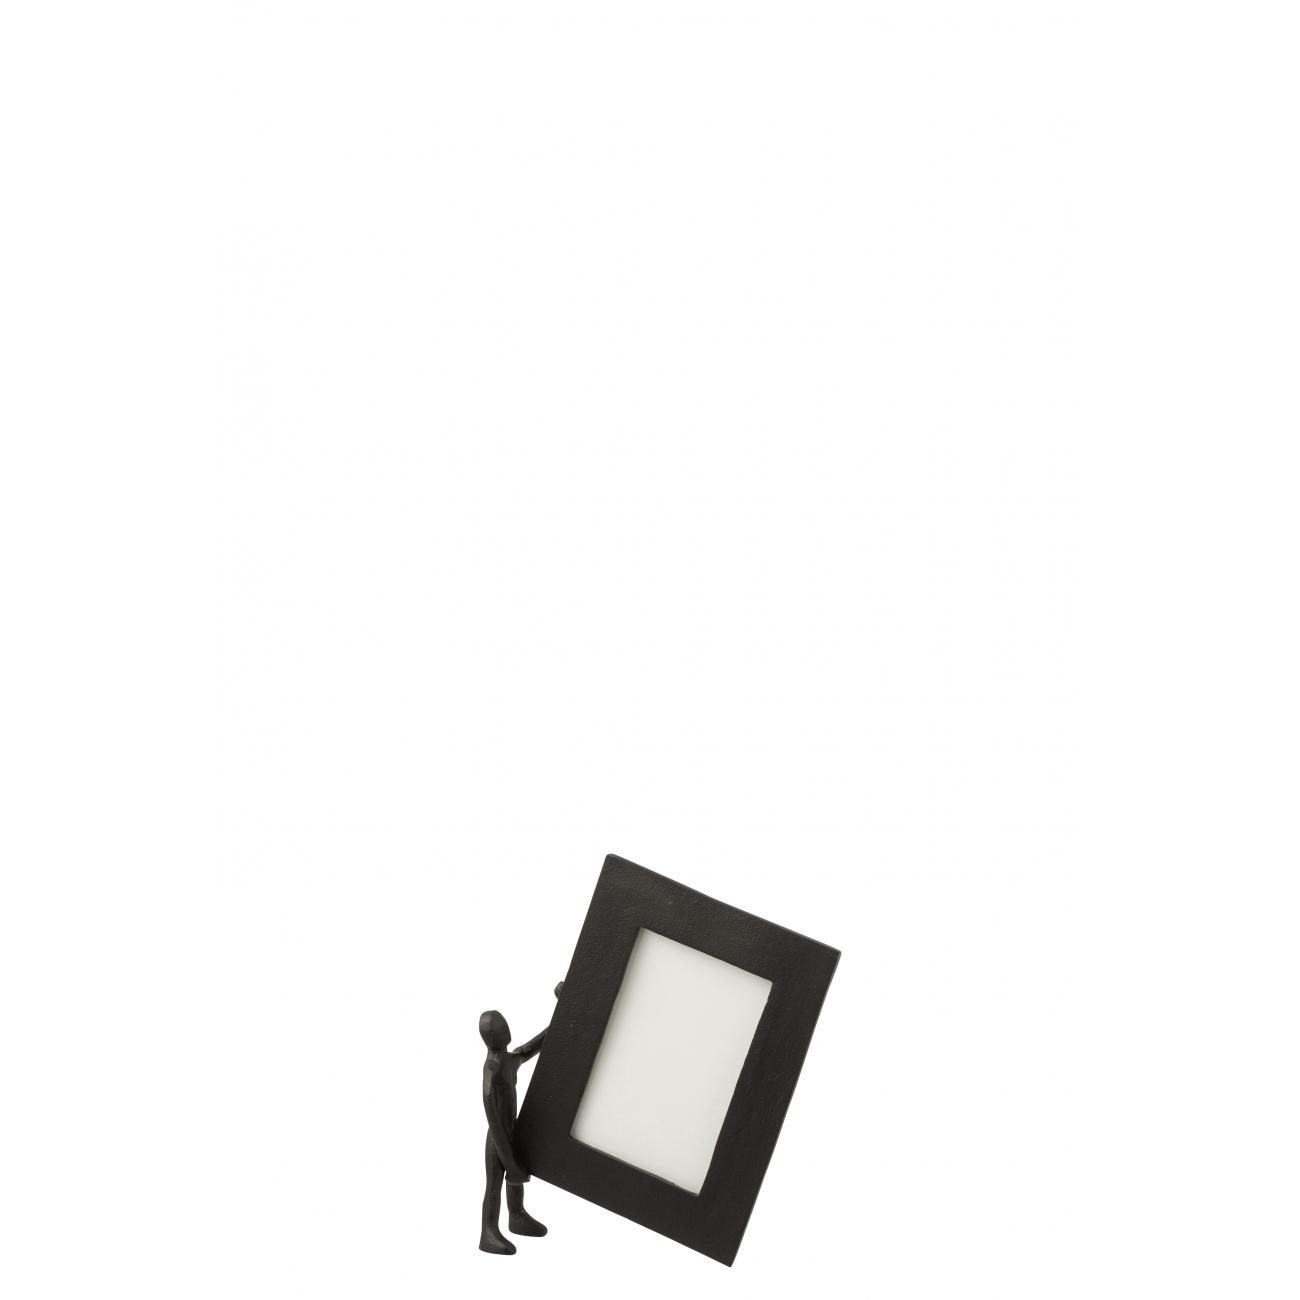 Фоторамка J-LINE металлическая черная с декором человечек 10x15 см Бельгия